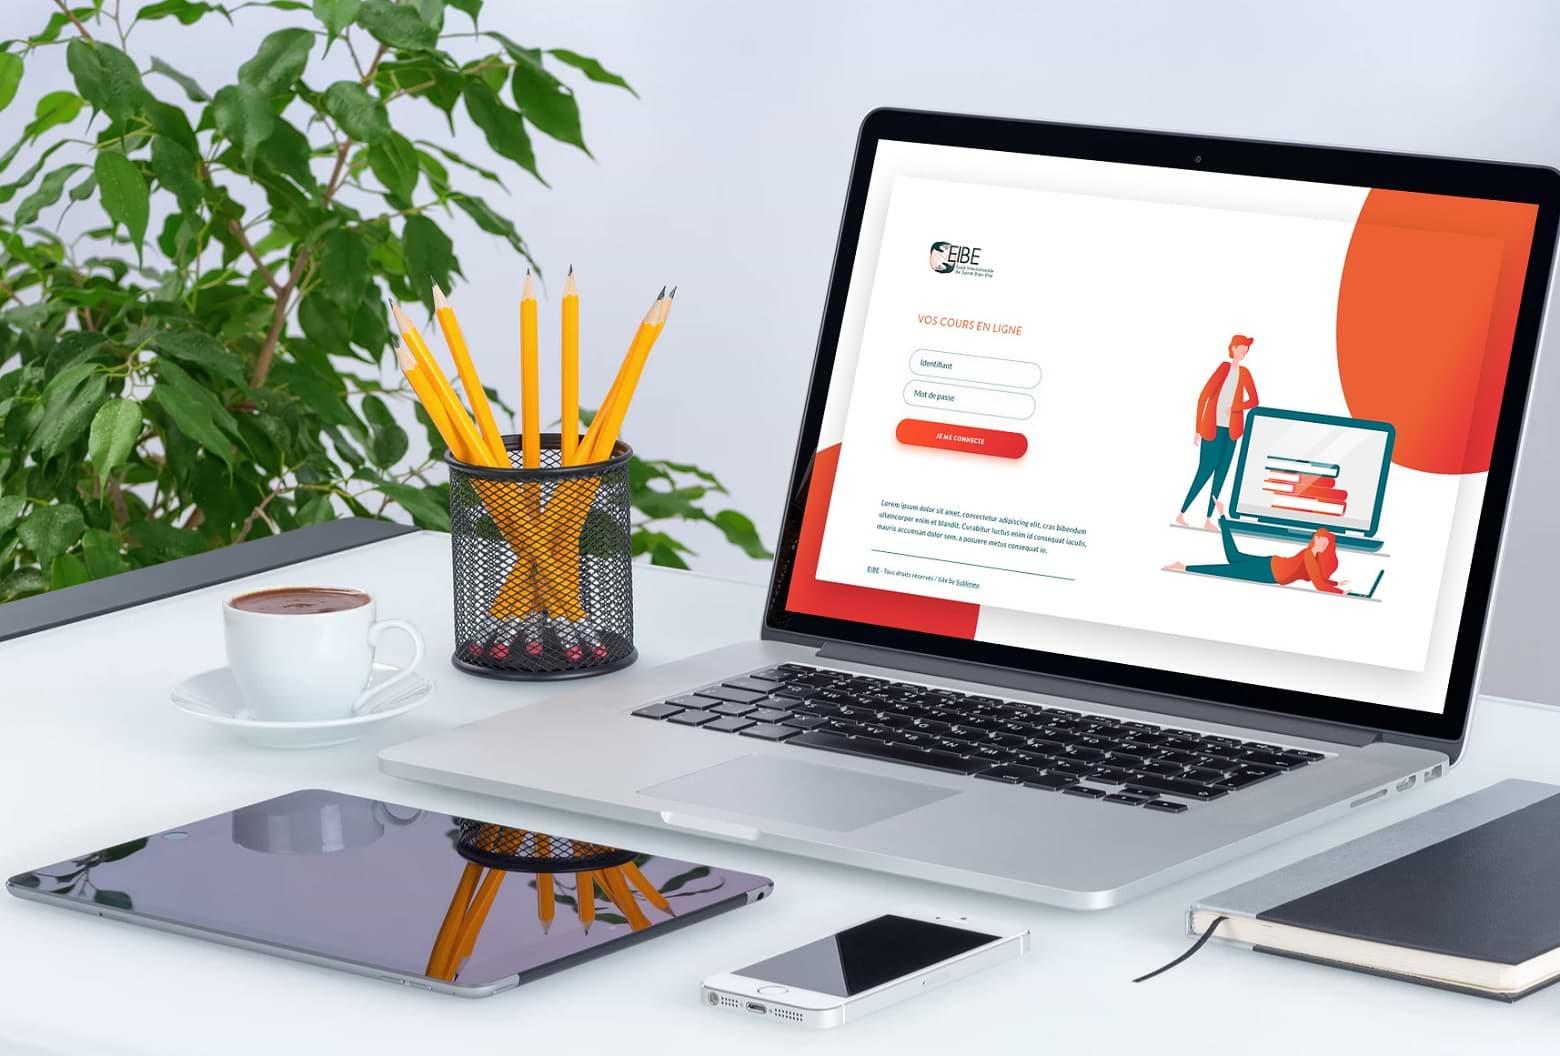 Design & développement d'un site eLearning : application + plateforme LMS (Learning Management System) - Santé, médical, bien-être.